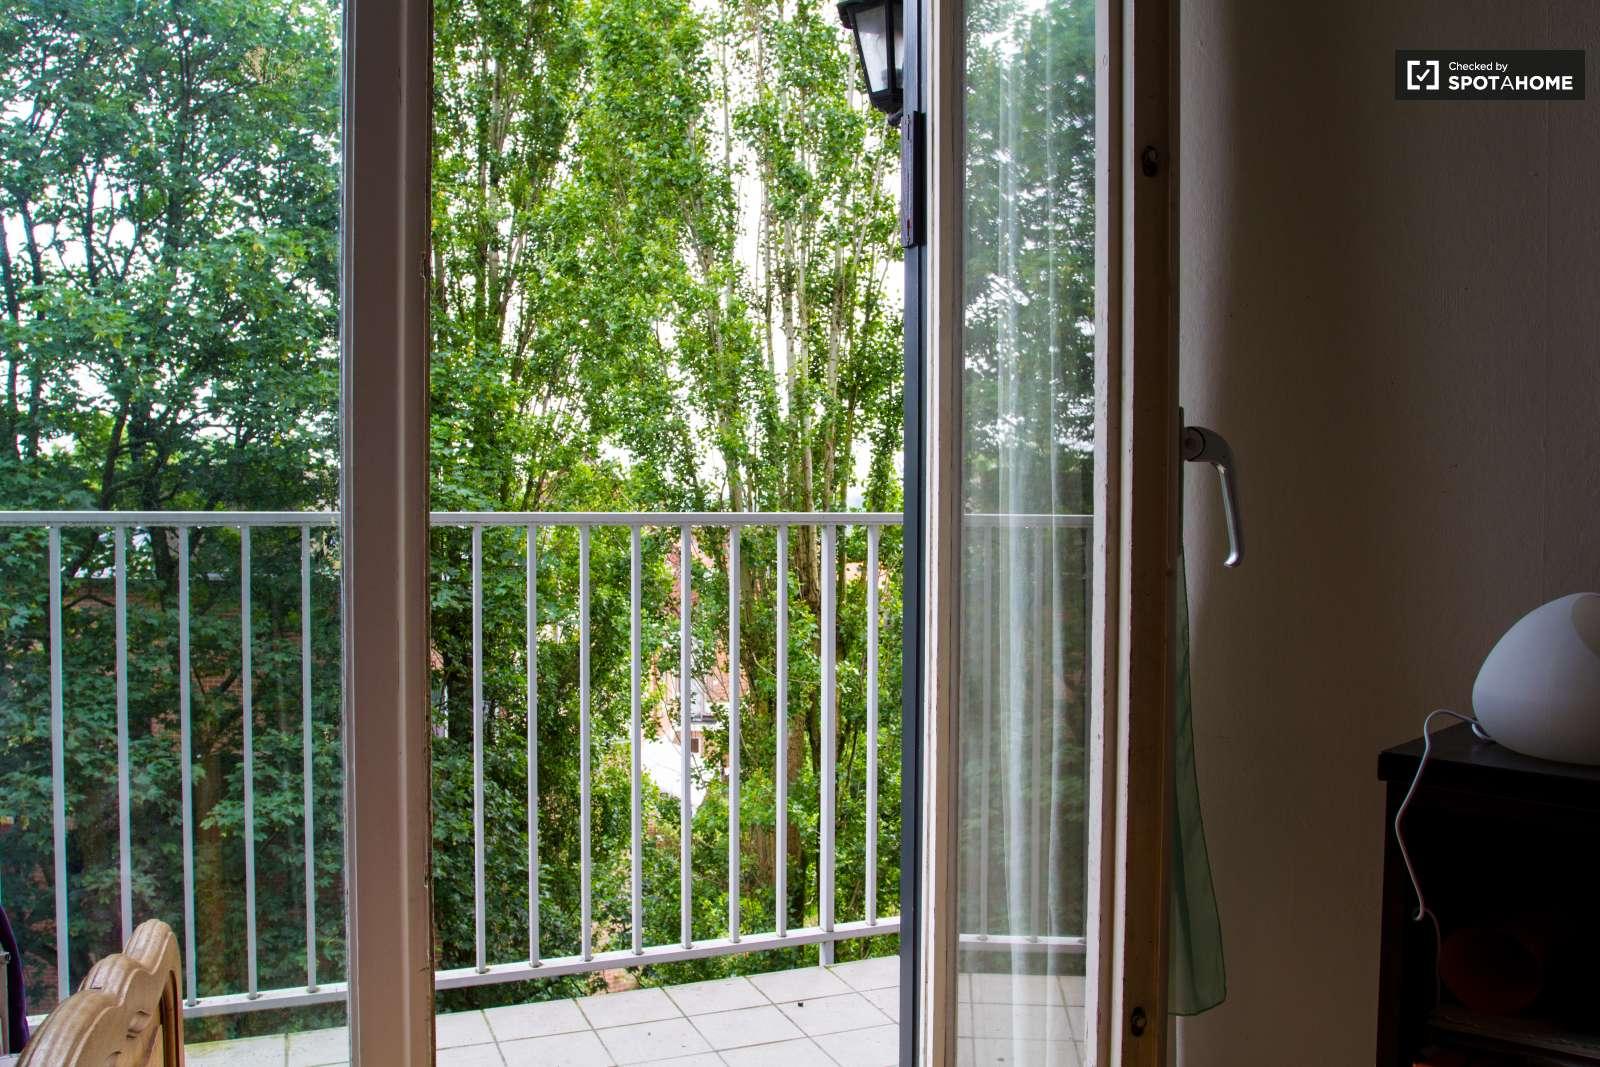 Chambres louer dans appartement de 3 chambres uccle - Appartement a louer a bruxelles 3 chambres ...